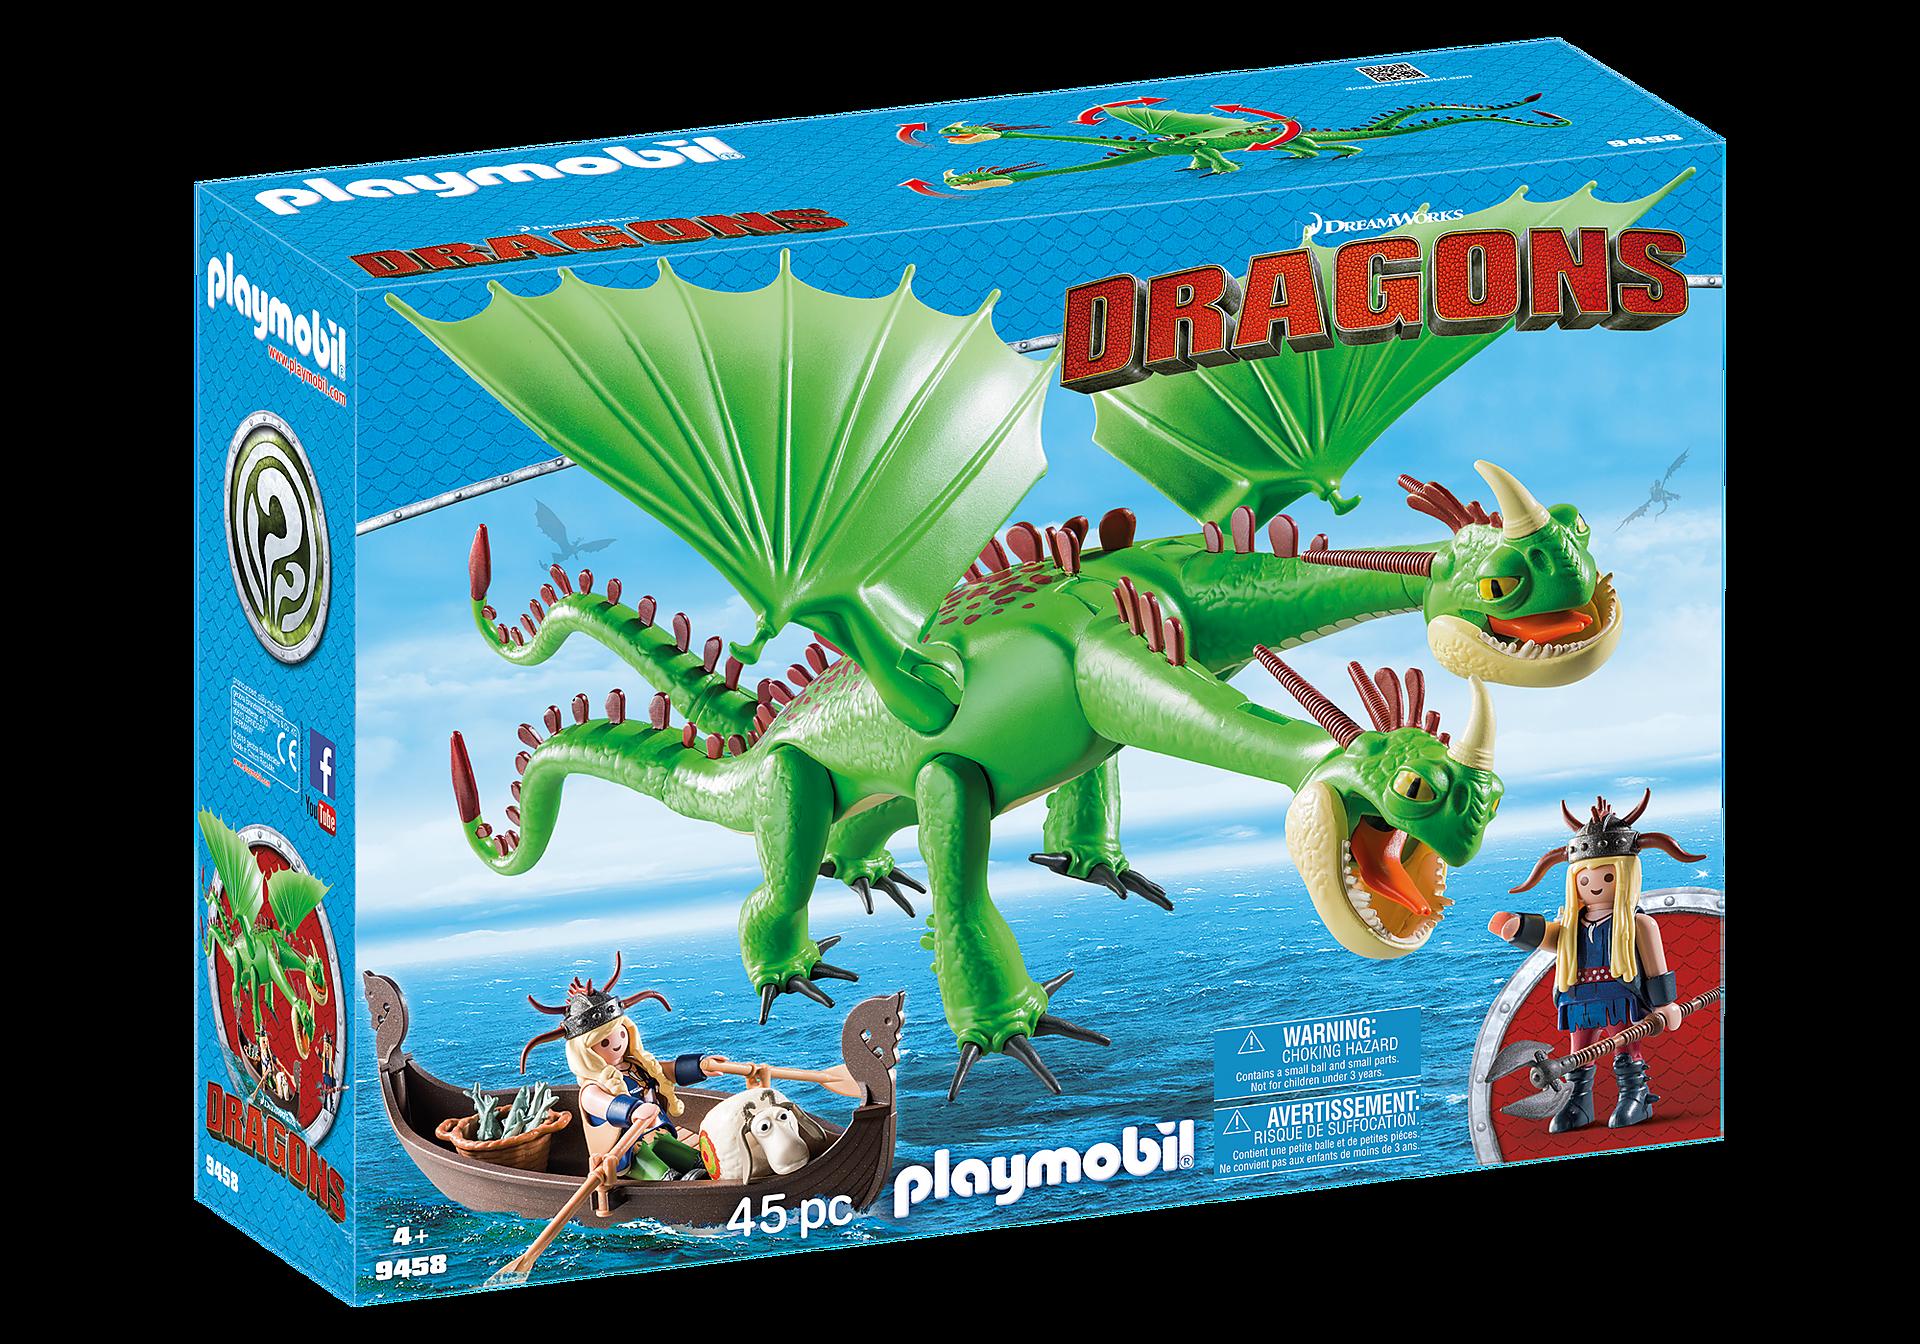 http://media.playmobil.com/i/playmobil/9458_product_box_front/Cabeçaquente e Cabeçadura com Dragão 2 Cabeças